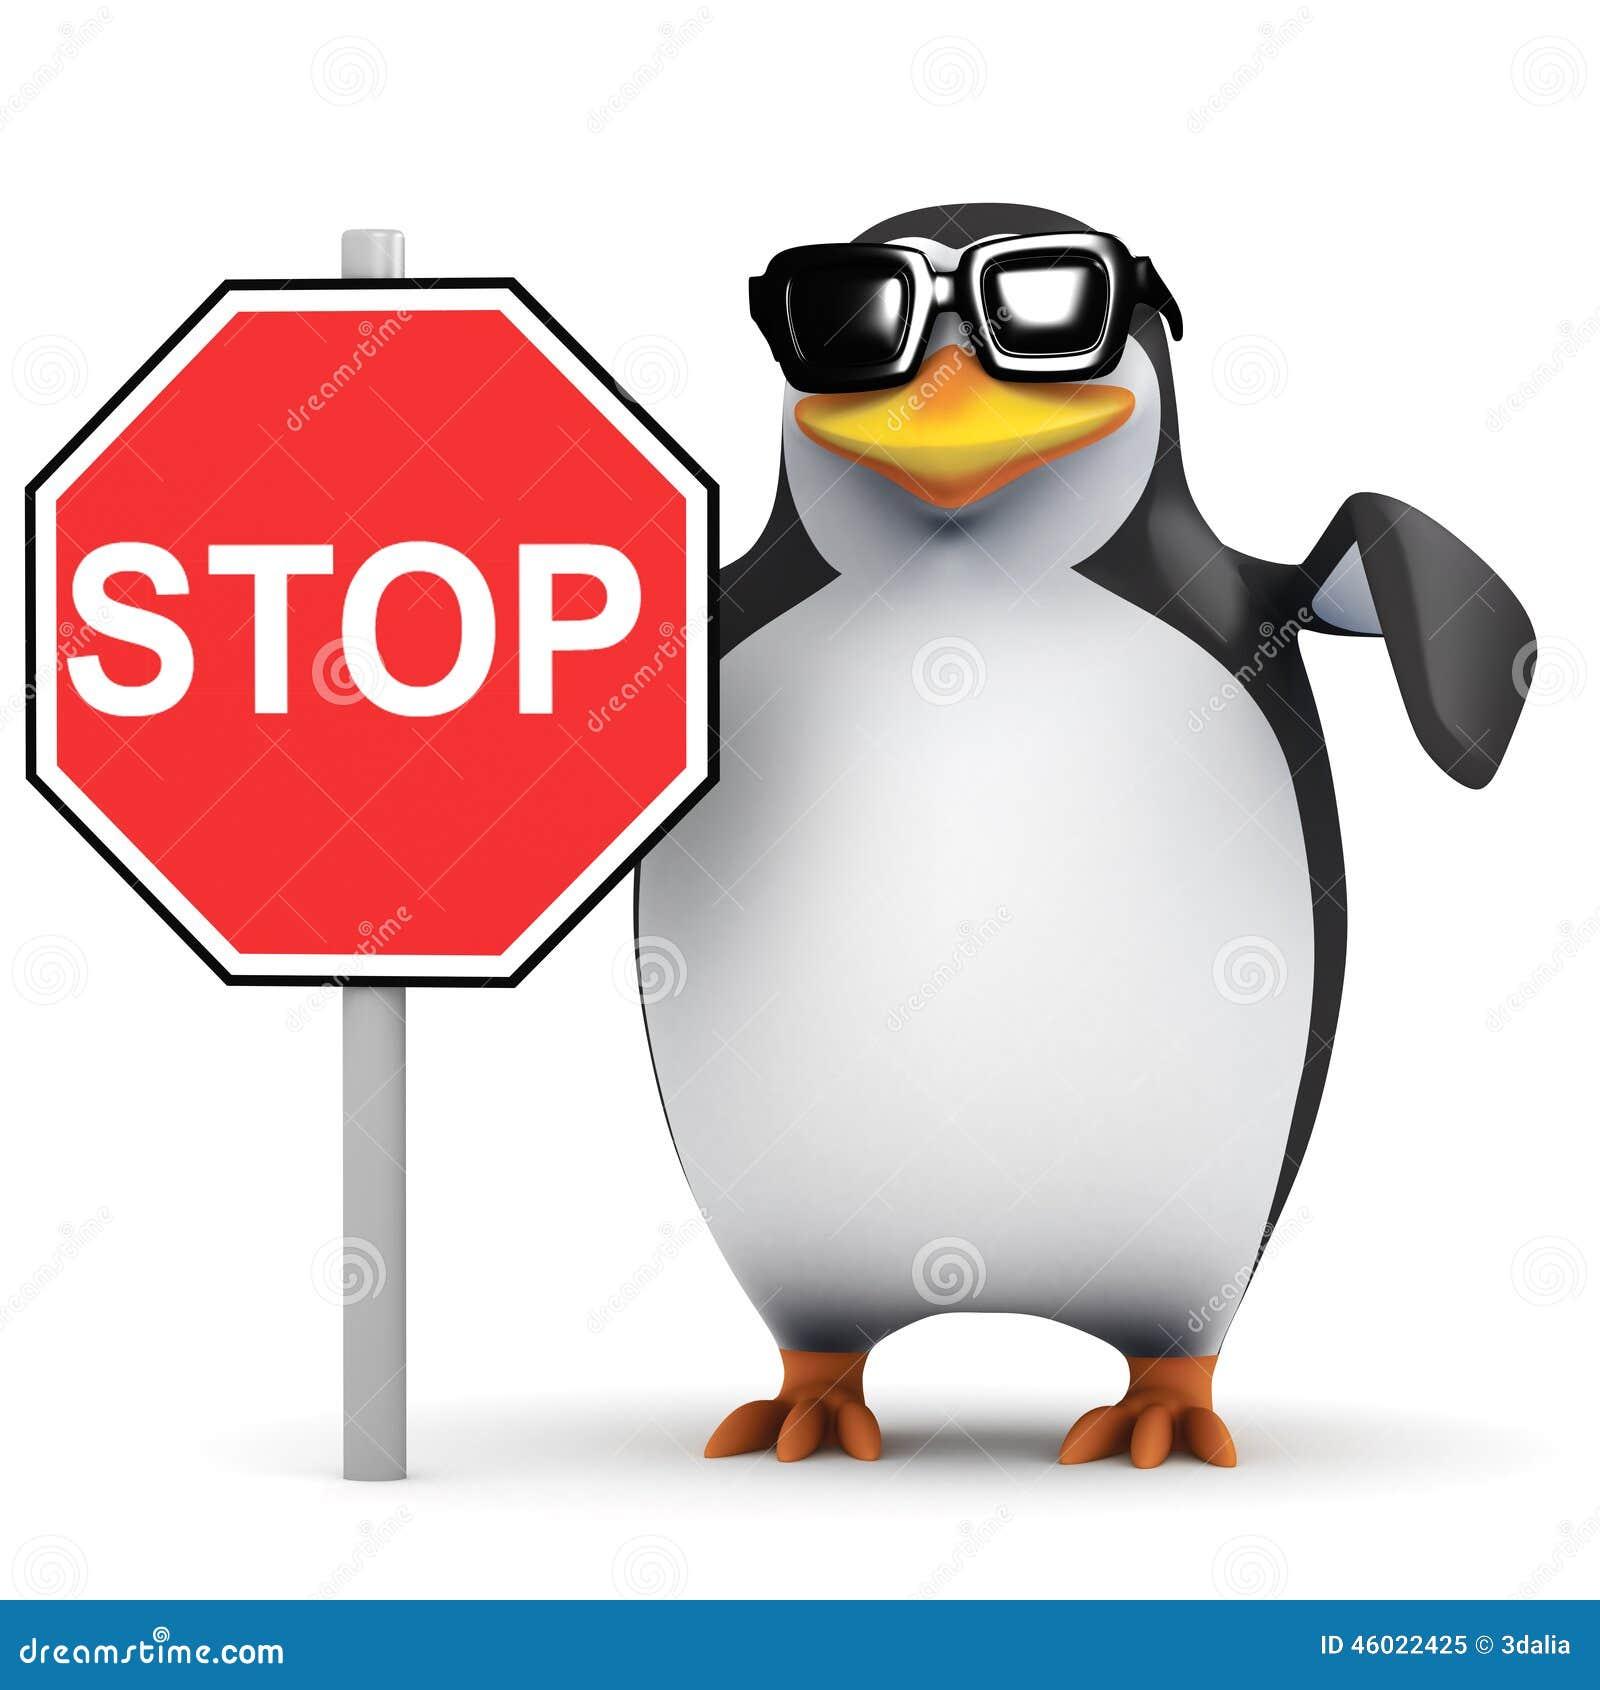 Stop stop stop viagra